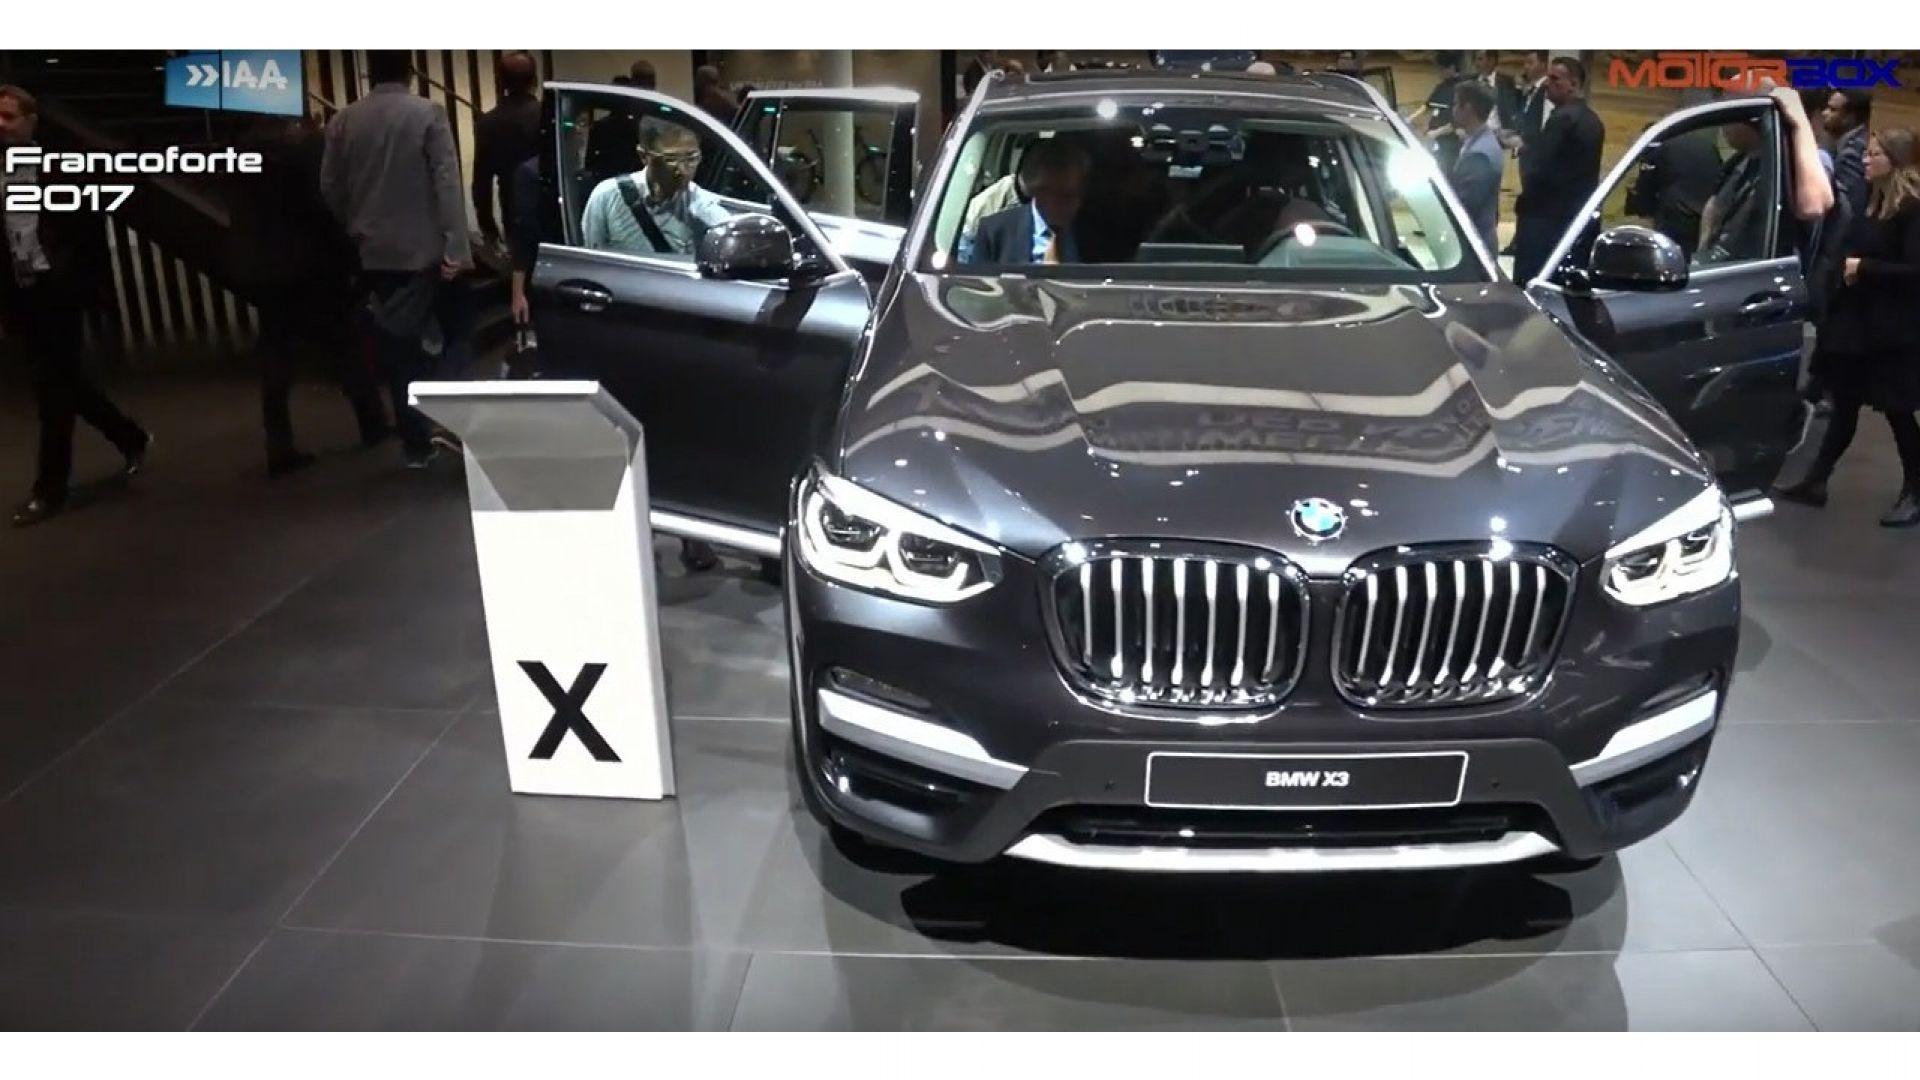 Nuova Bmw X3 2017 Interni Quando Esce Uscita Prezzo Motorbox